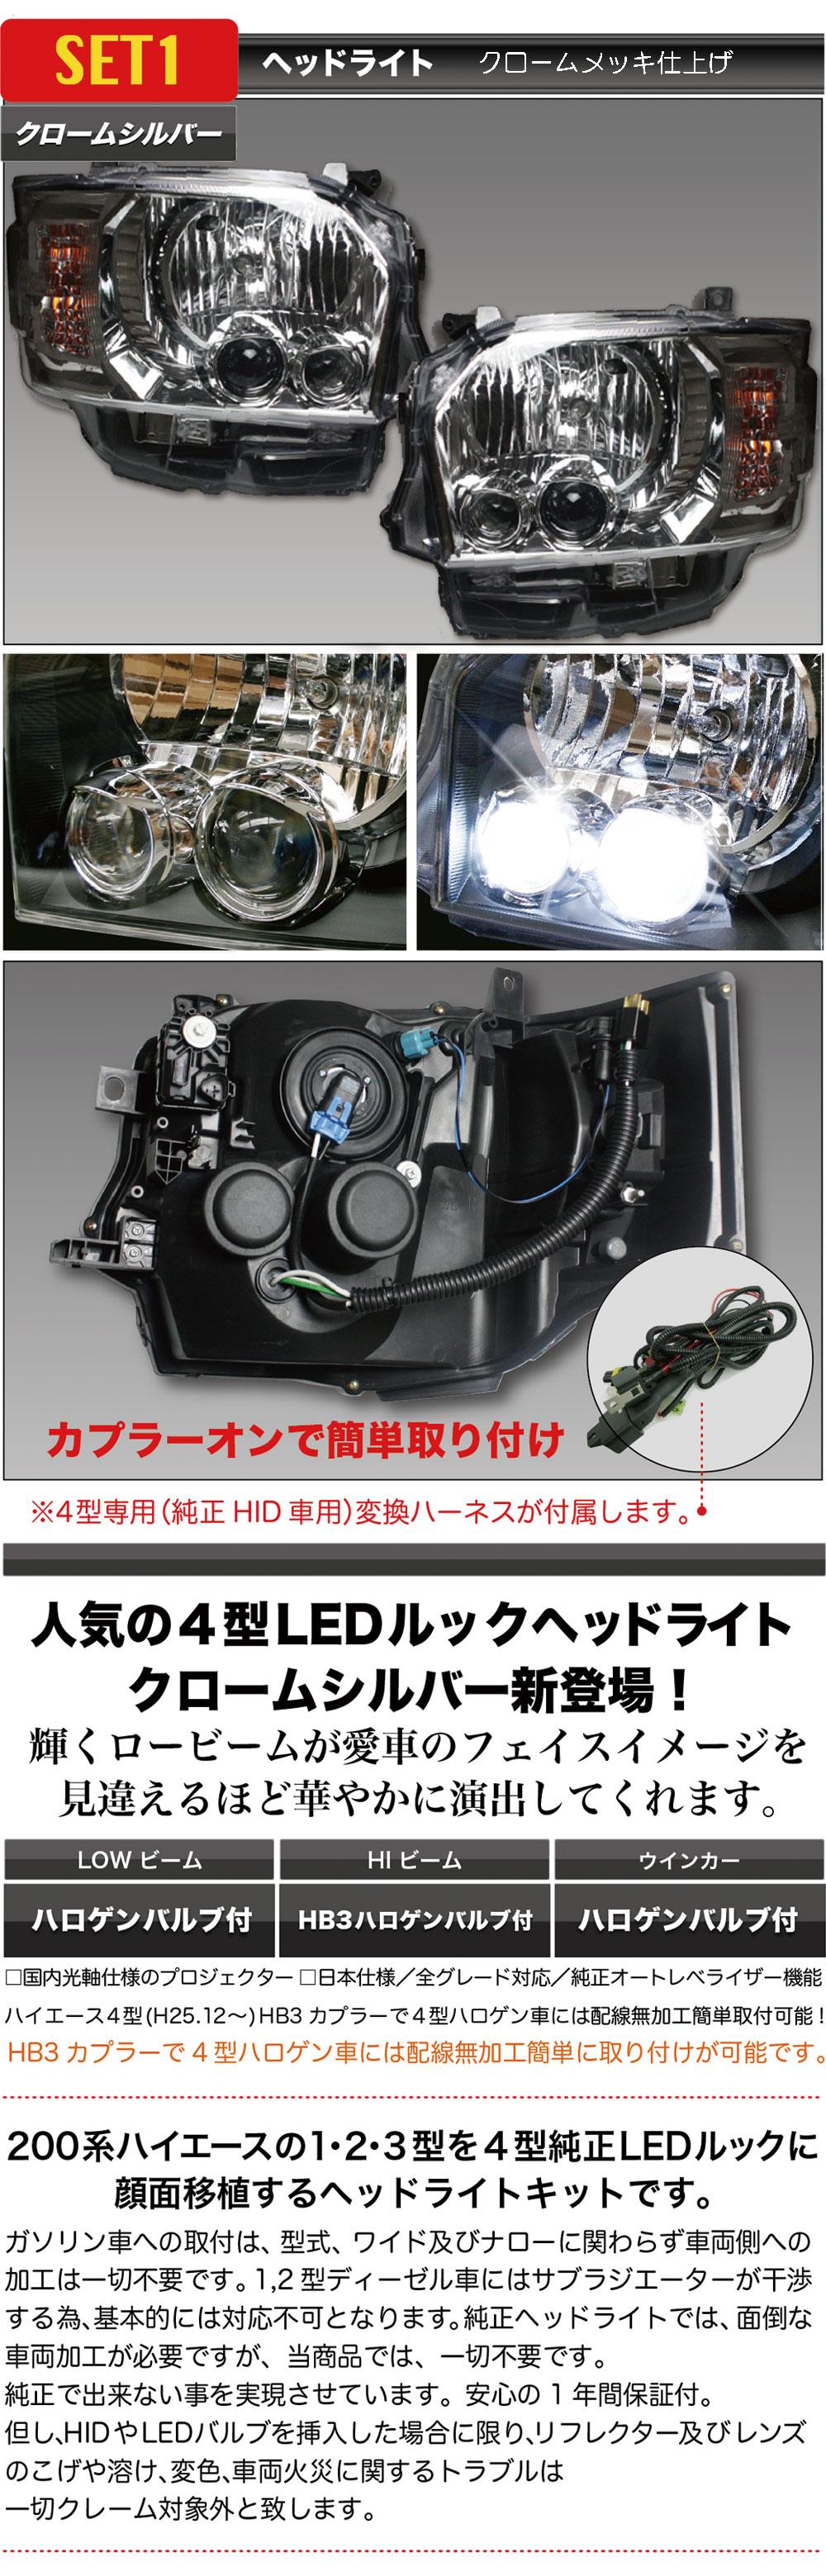 トヨタ TOYOTA 200系 ハイエース HiAce 4型 フェイスチェンジキット BRiGHTX社製品 ブライトX ブライトx 【 クロームシルバー 】 1年保証 【 水漏れも対応】